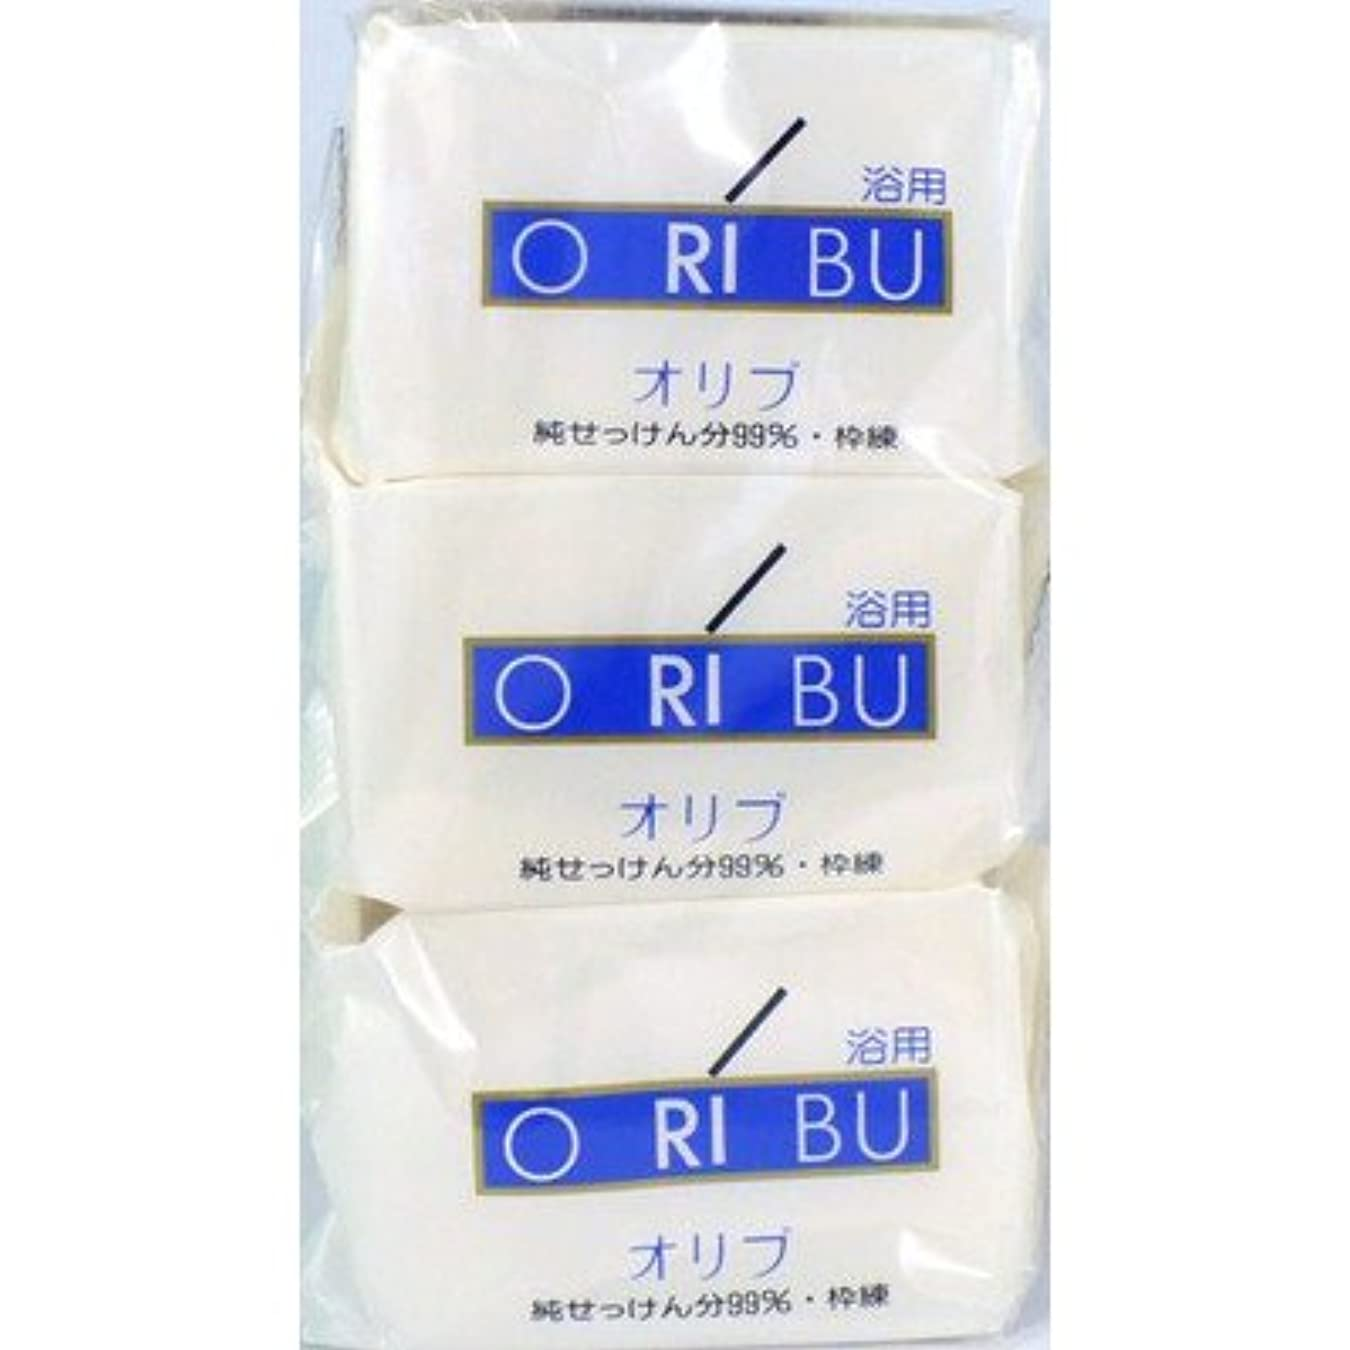 レパートリー練るバブル暁石鹸 ORIBU オリブ 浴用石鹸 110g 3個入り